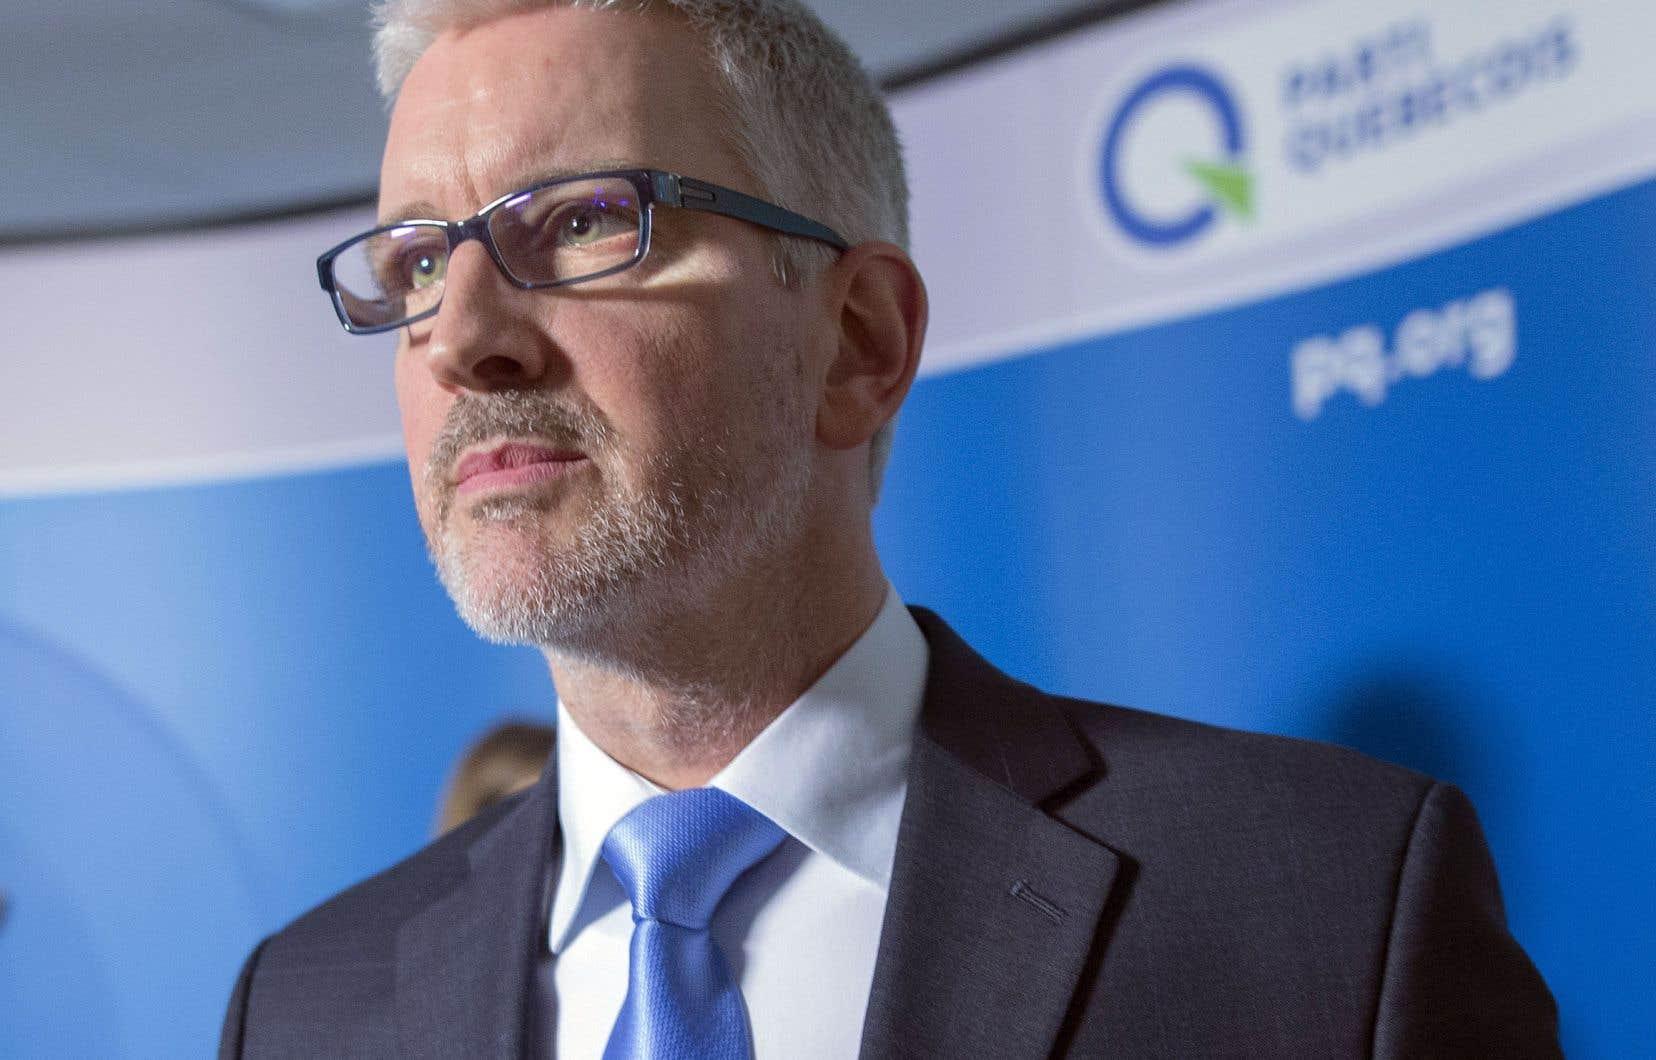 Le retour au Parti québécois de Jean-Martin Aussant sera-t-il imité par d'autres souverainistes qui ont quitté le parti au cours des dernières années?